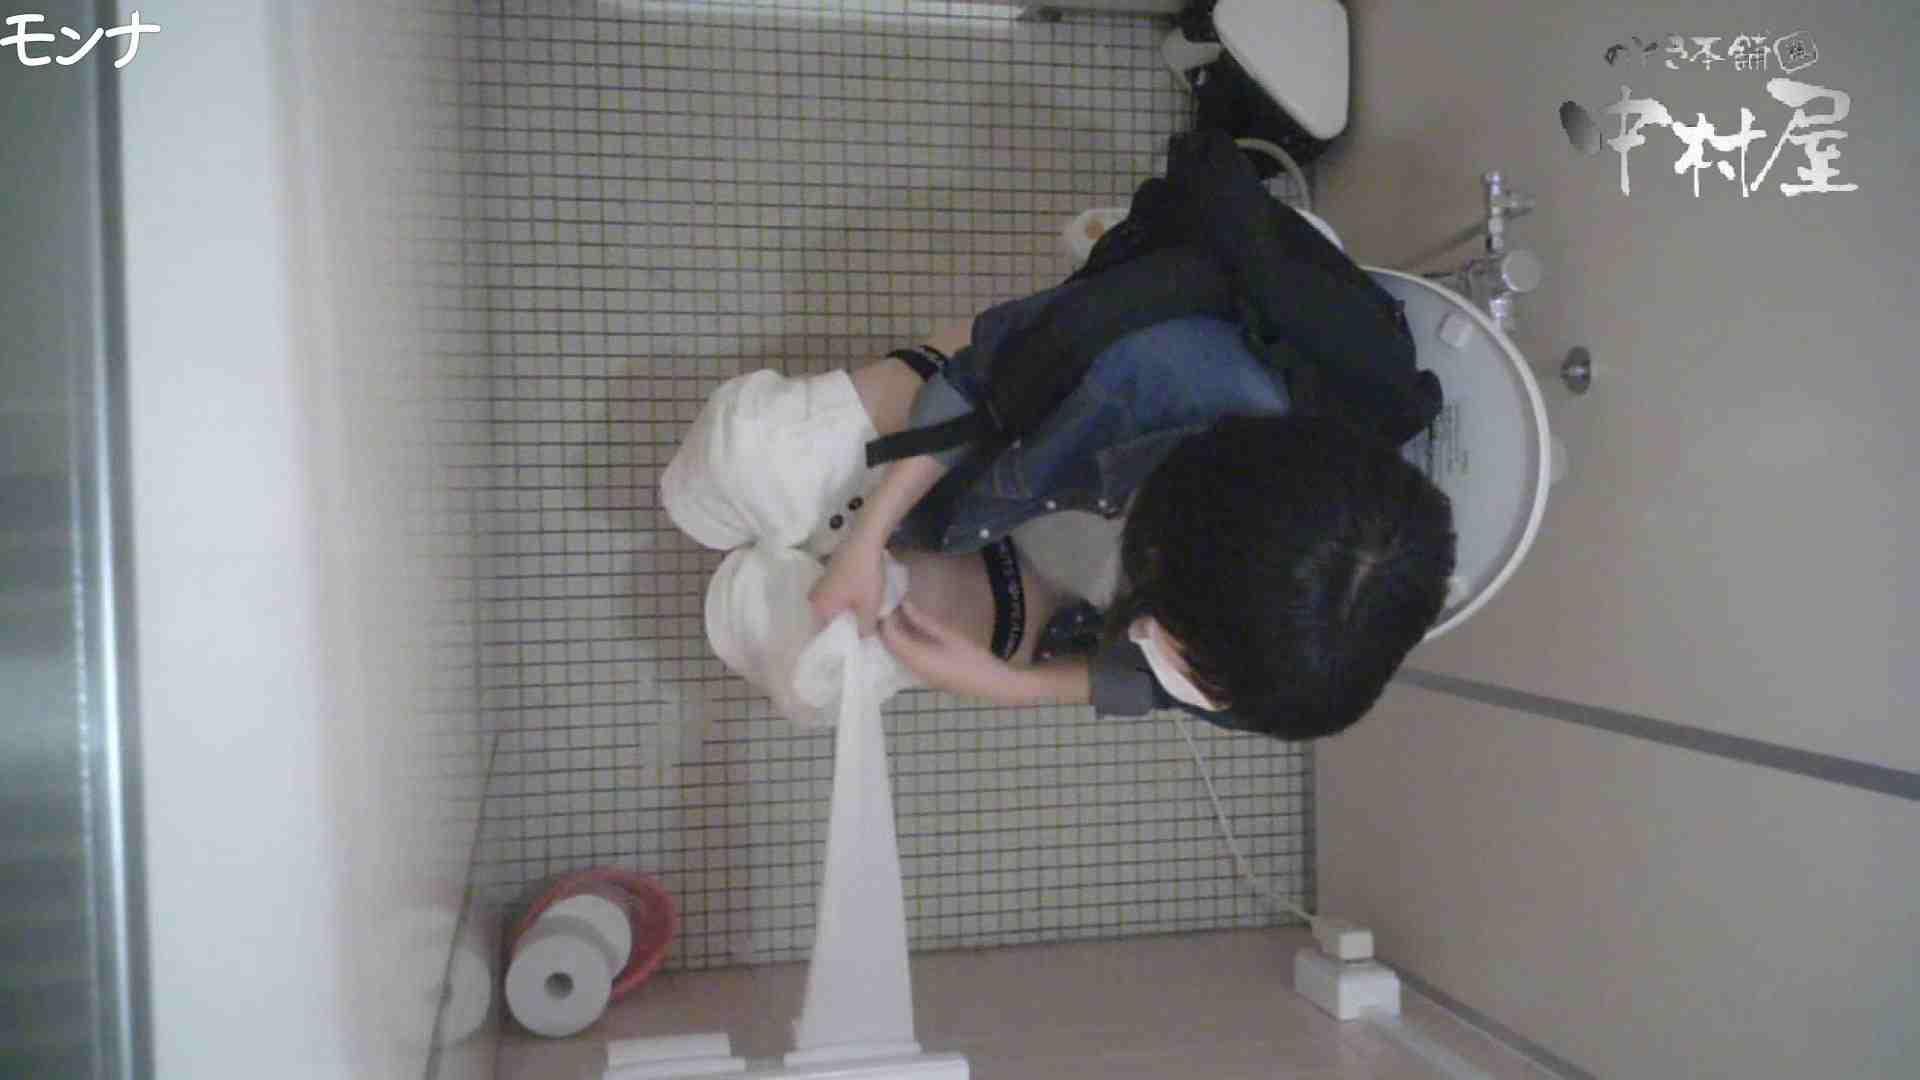 有名大学女性洗面所 vol.65 秘技!!マルチアングル天井撮り!! 和式 ぱこり動画紹介 106PIX 39